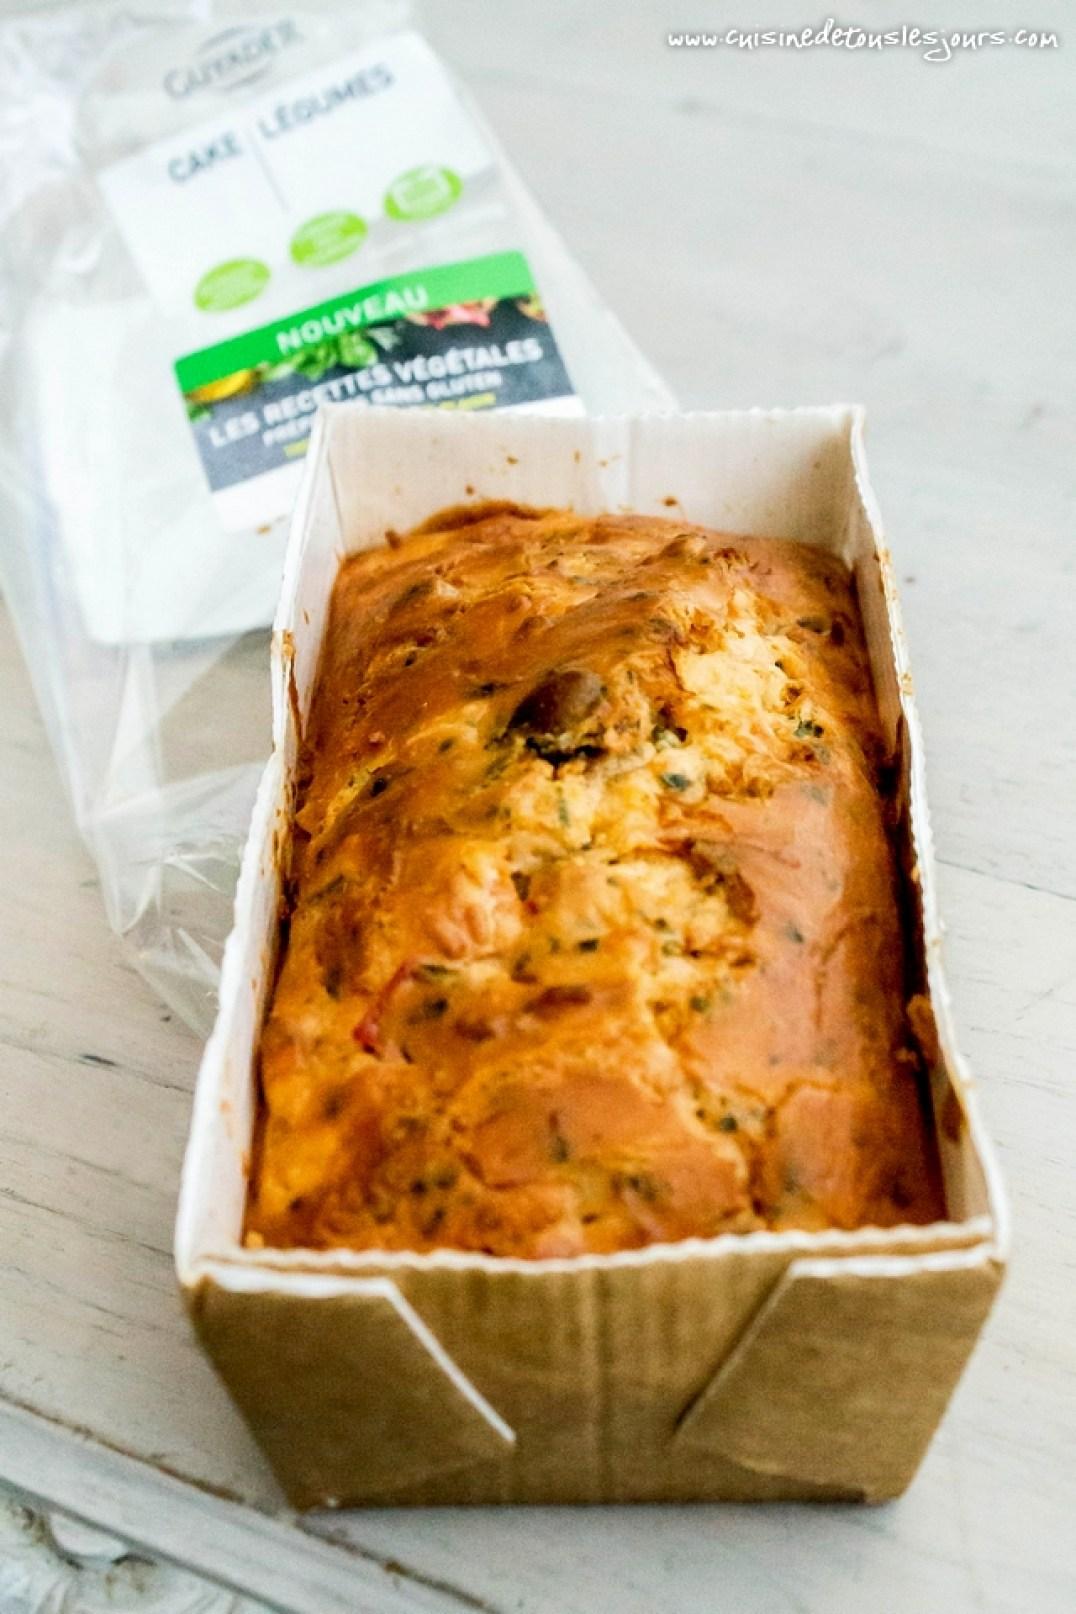 La nouvelle gamme végétale de Guyader - ©www.cuisinedetouslesjours.com